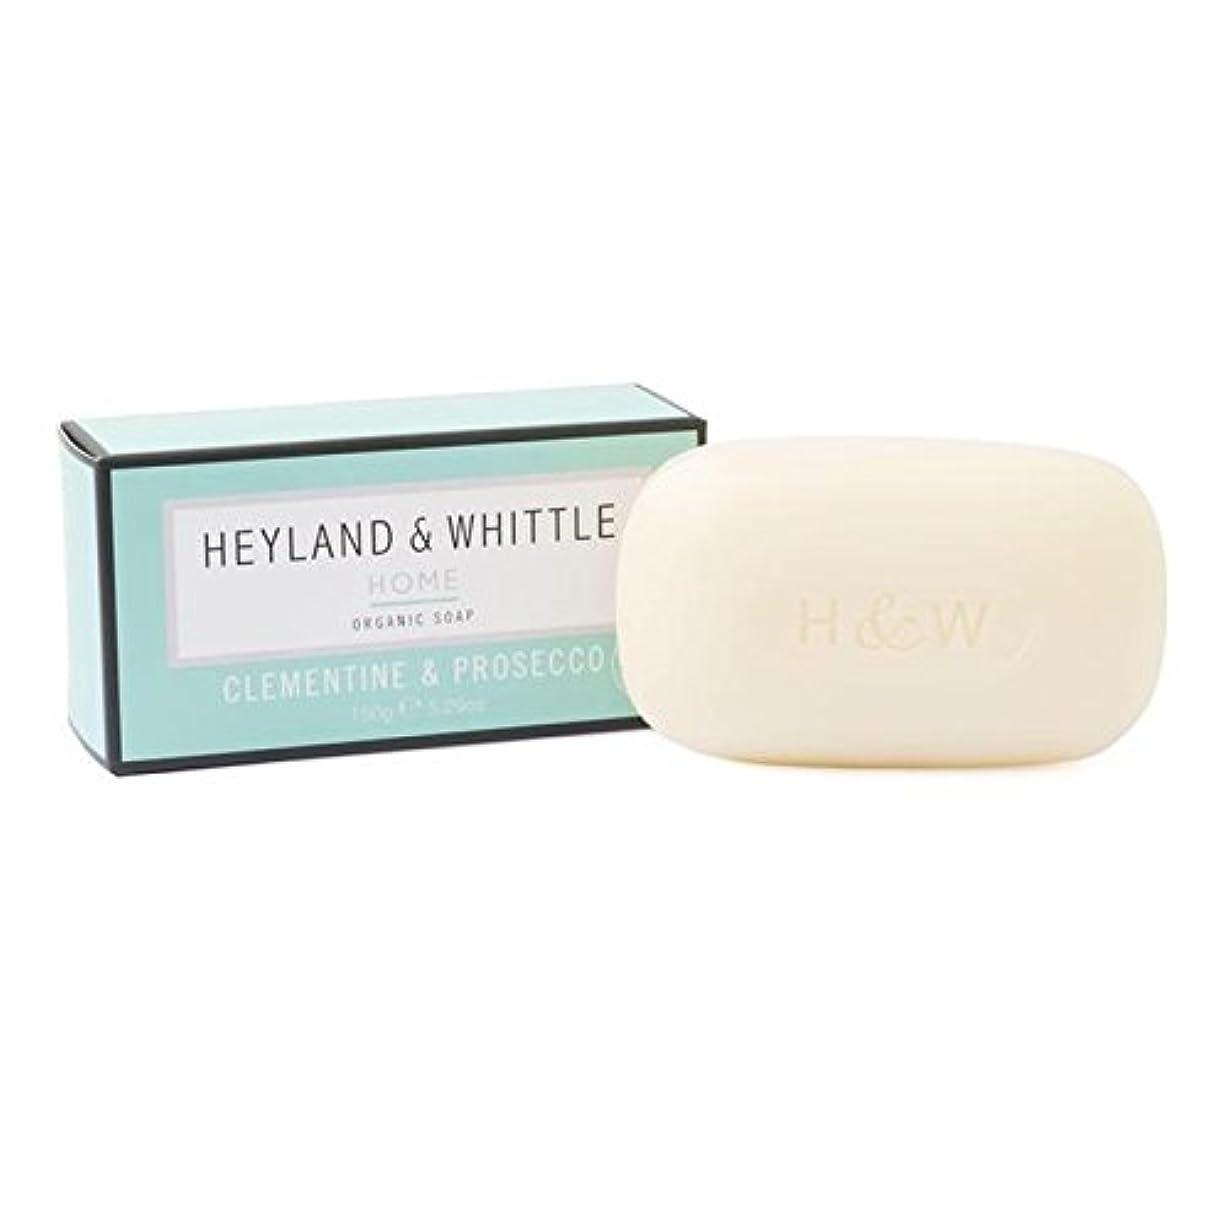 歩き回る染色マートHeyland & Whittle Home Clementine & Prosecco Organic Soap 150g (Pack of 6) - &削るホームクレメンタイン&プロセッコ有機石鹸150グラム x6...